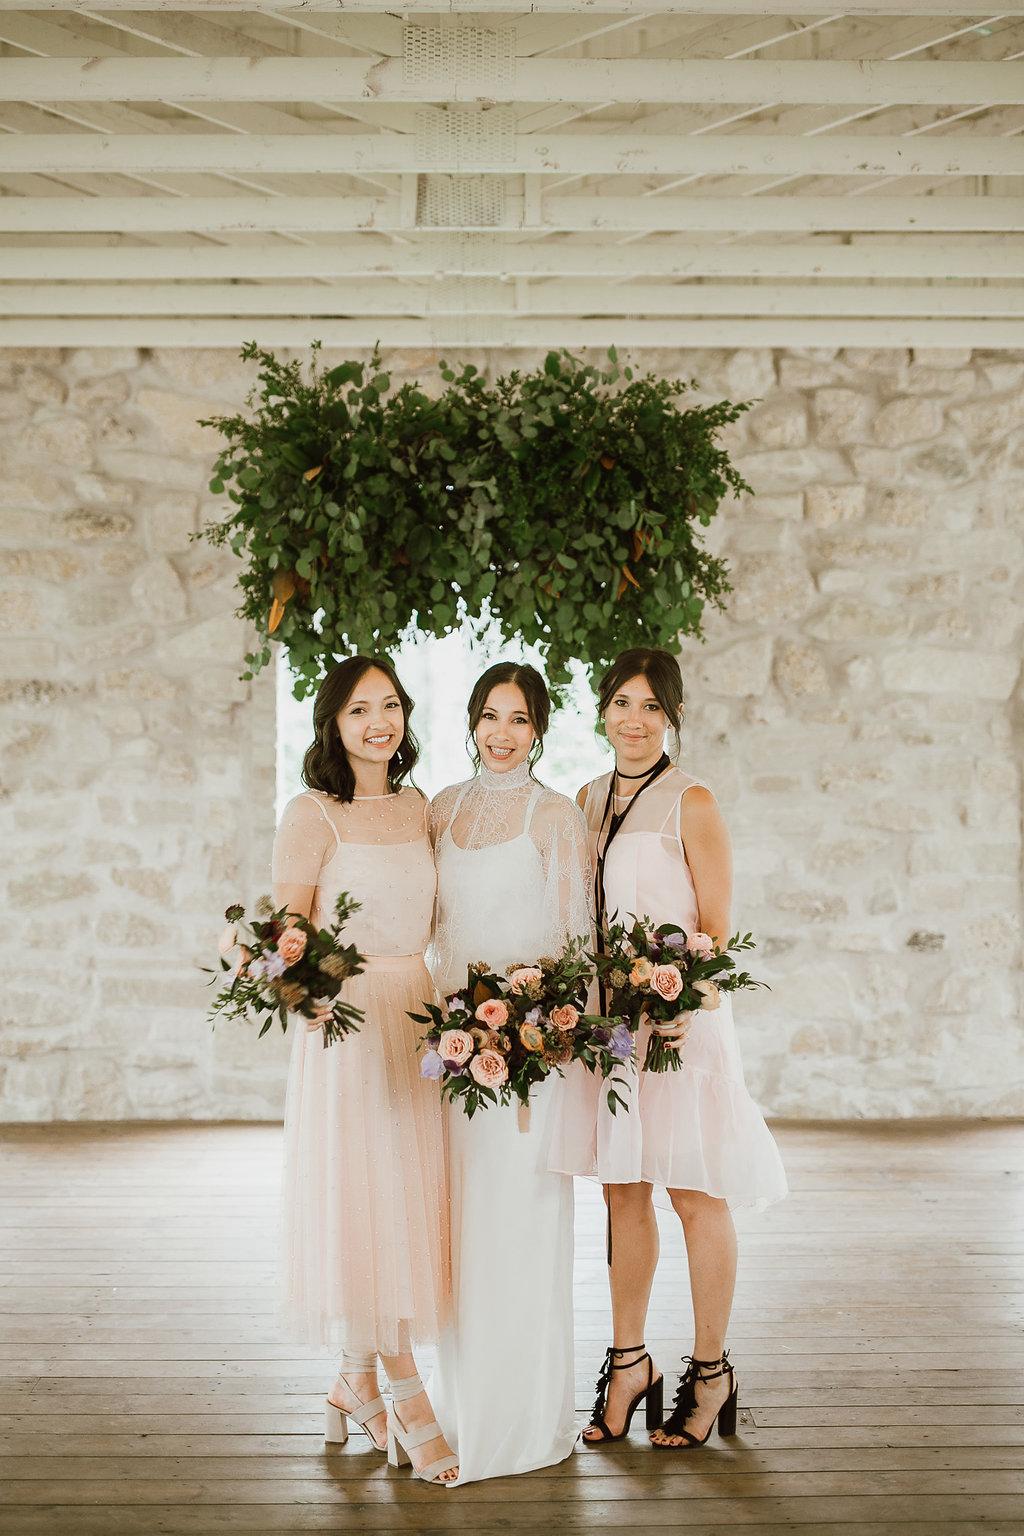 Blush and Mocha Wedding - Stylish Wedding Flowers